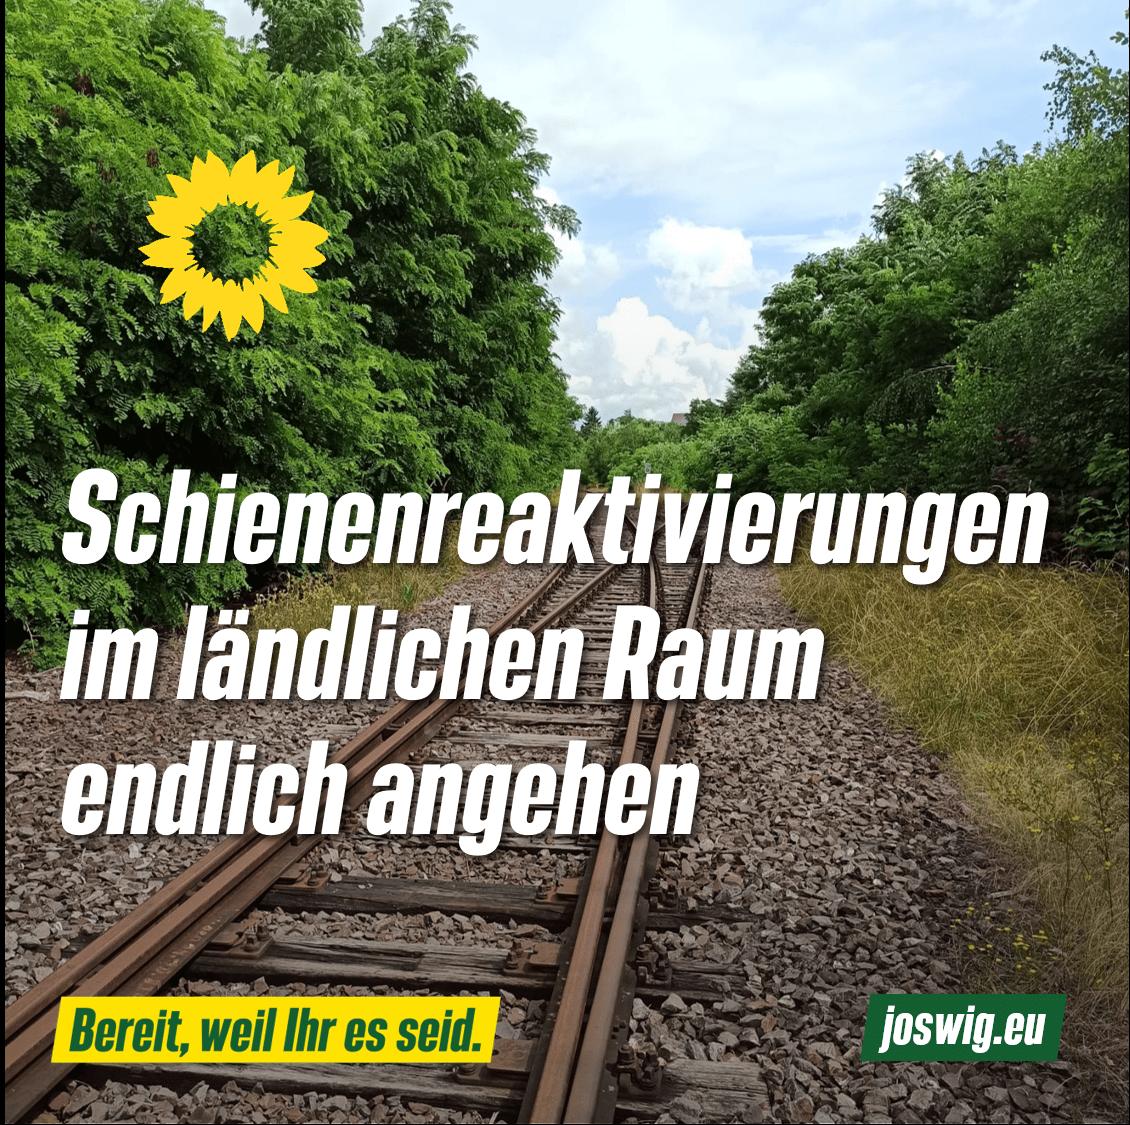 Die Hunsrückquerbahn muss endlich reaktiviert werden!